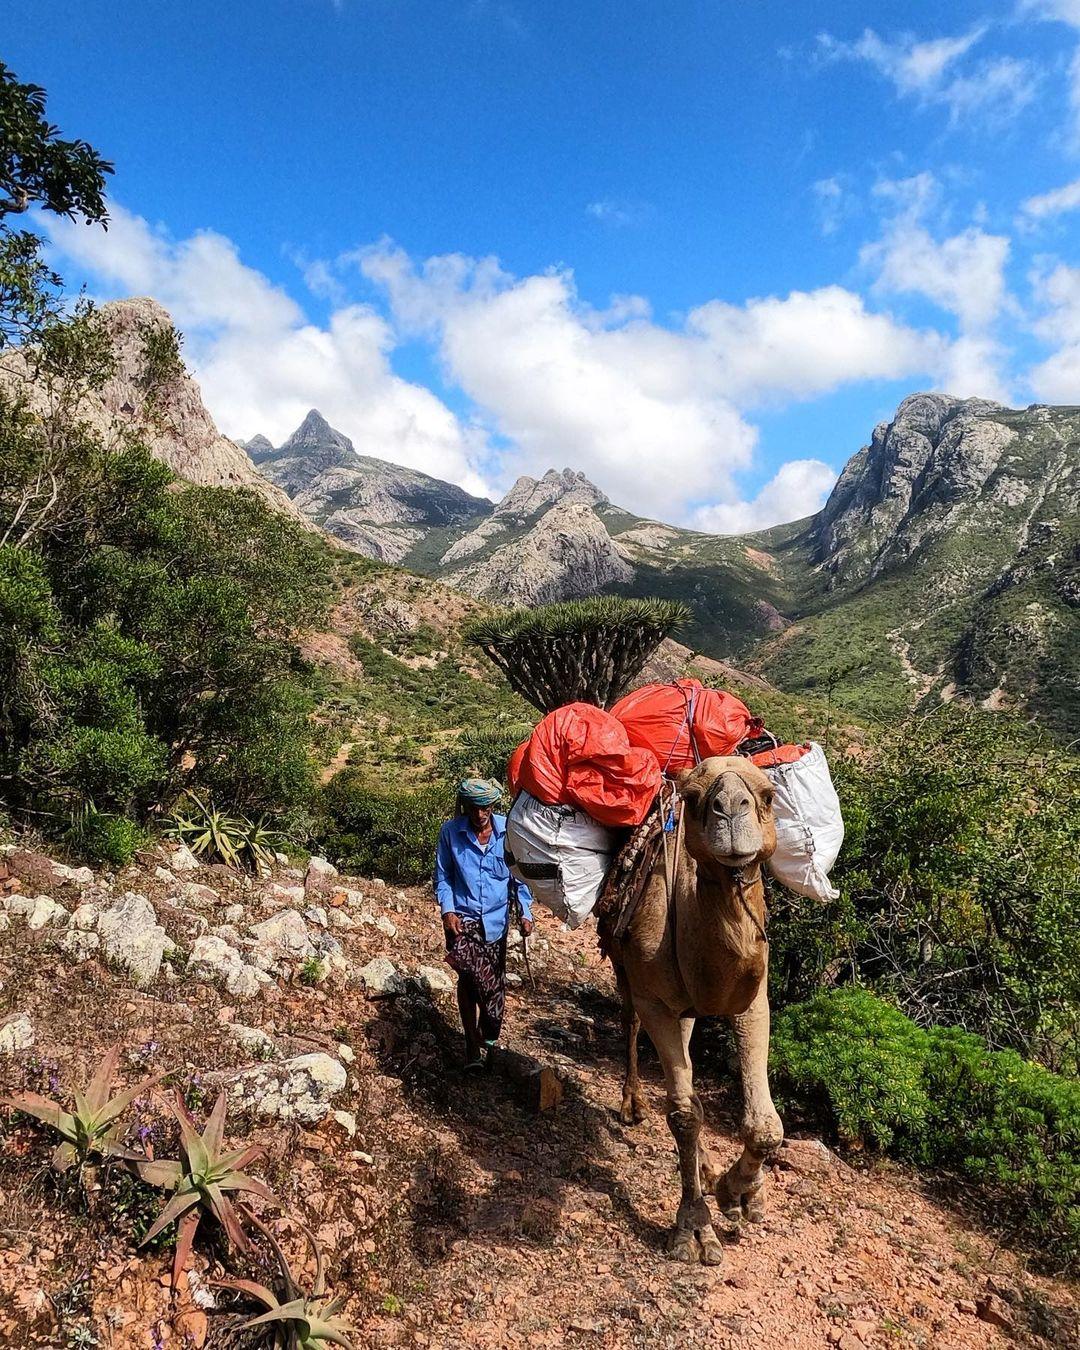 hombre con camello